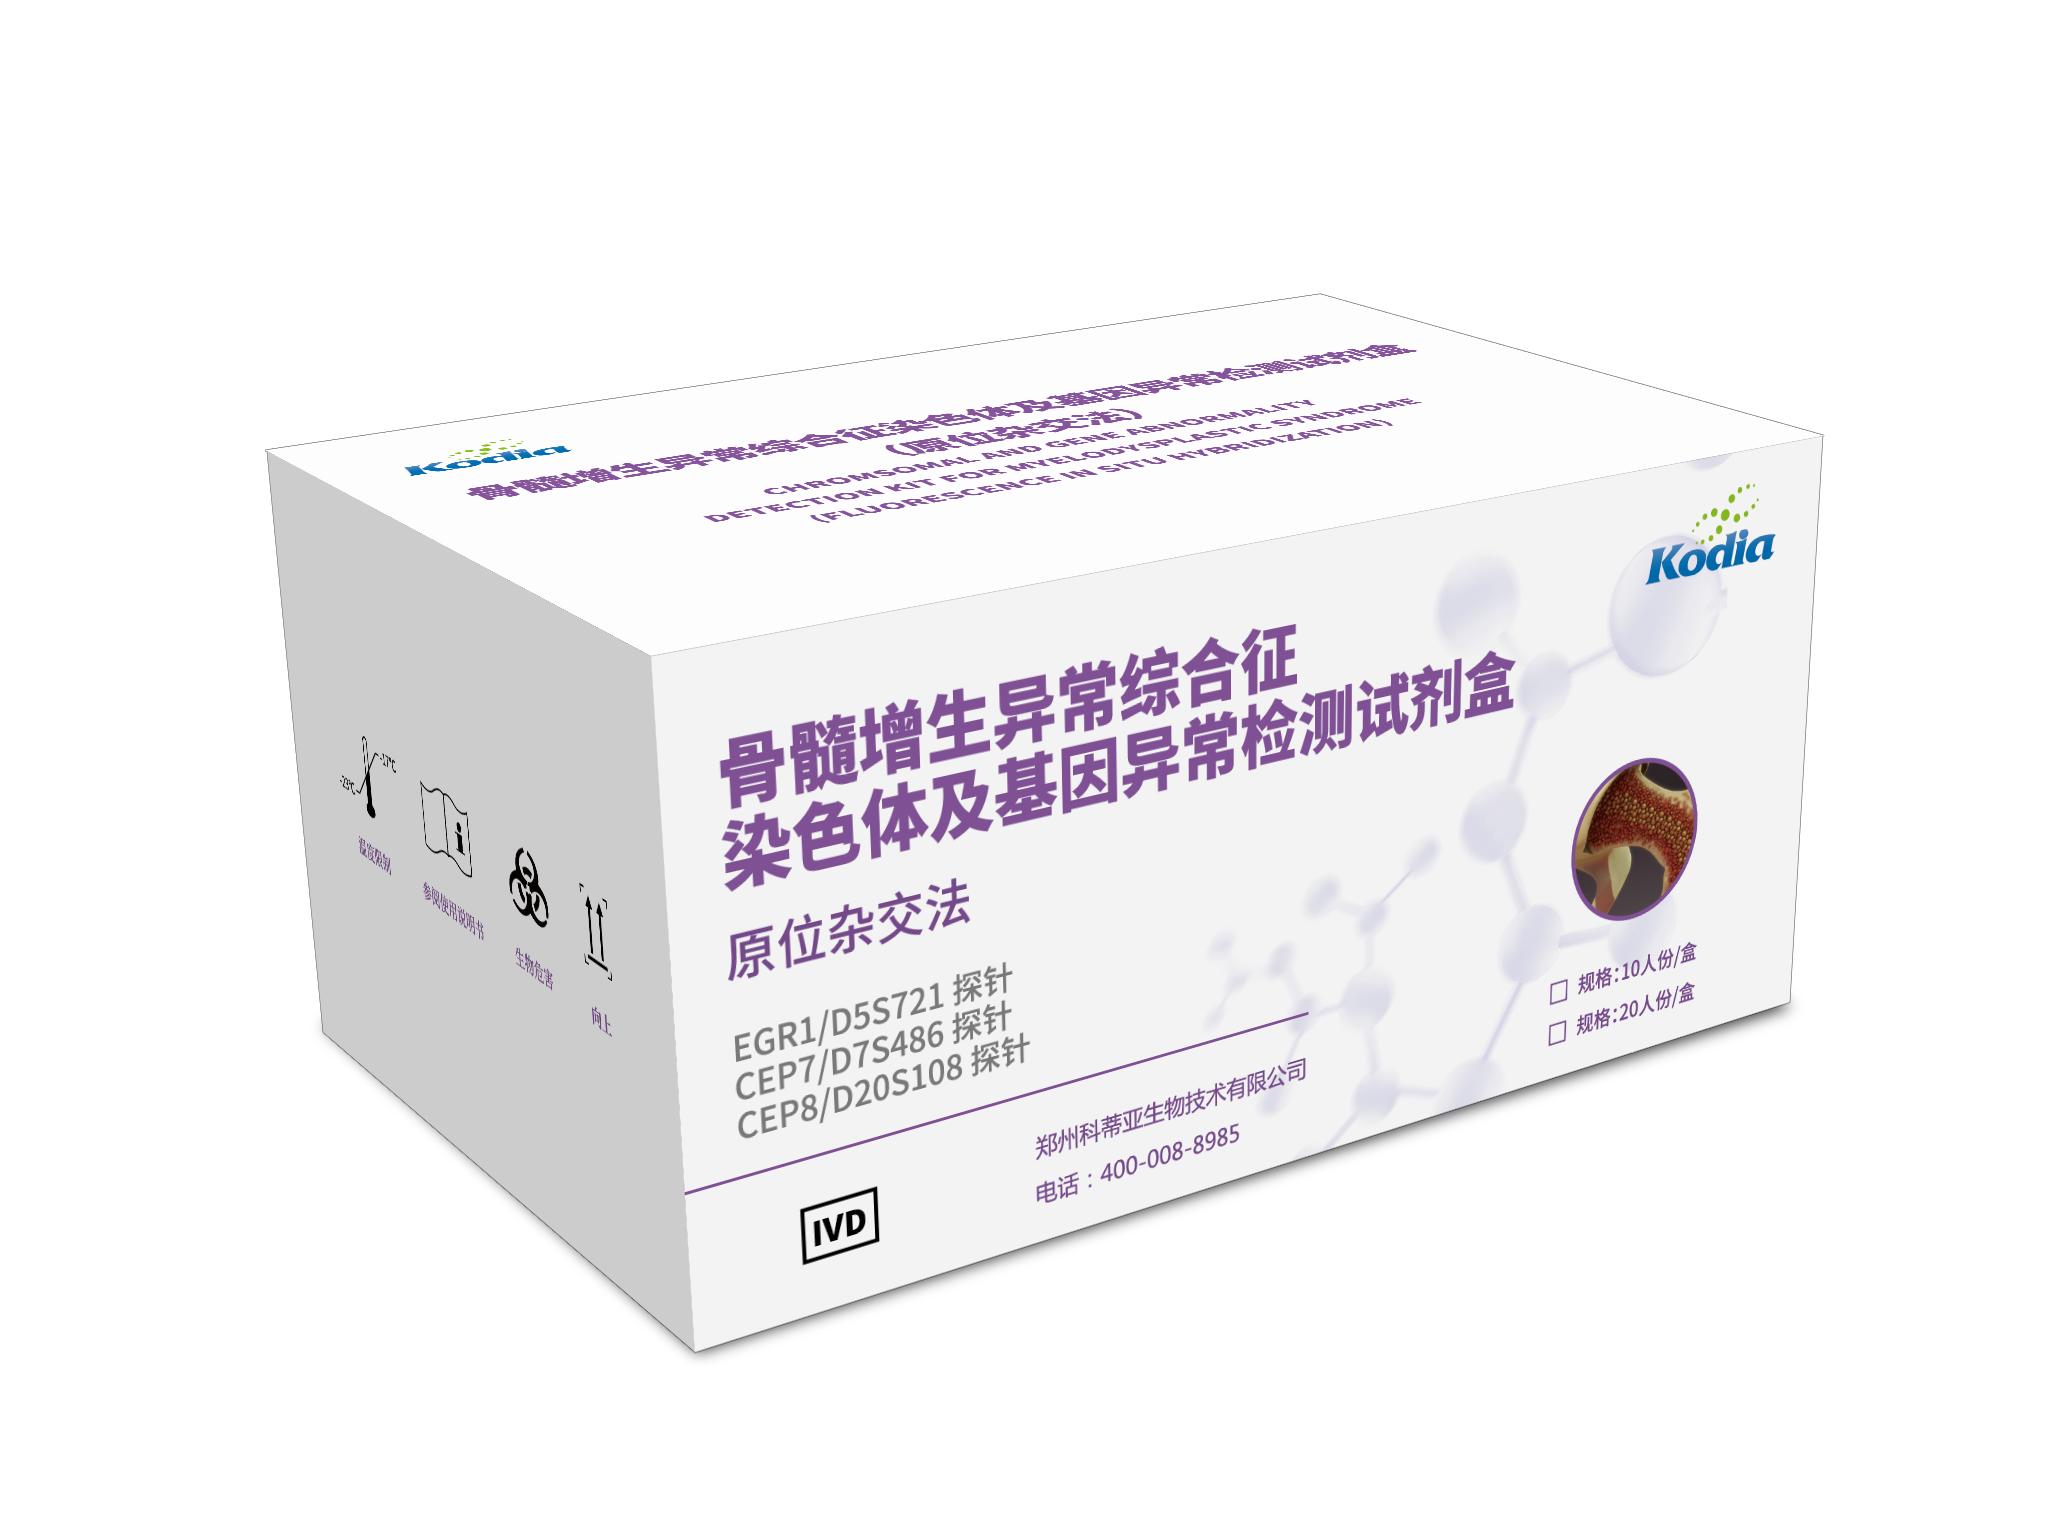 骨髓增生異常綜合征染色體及基因異常檢測試劑盒(原位雜交法)